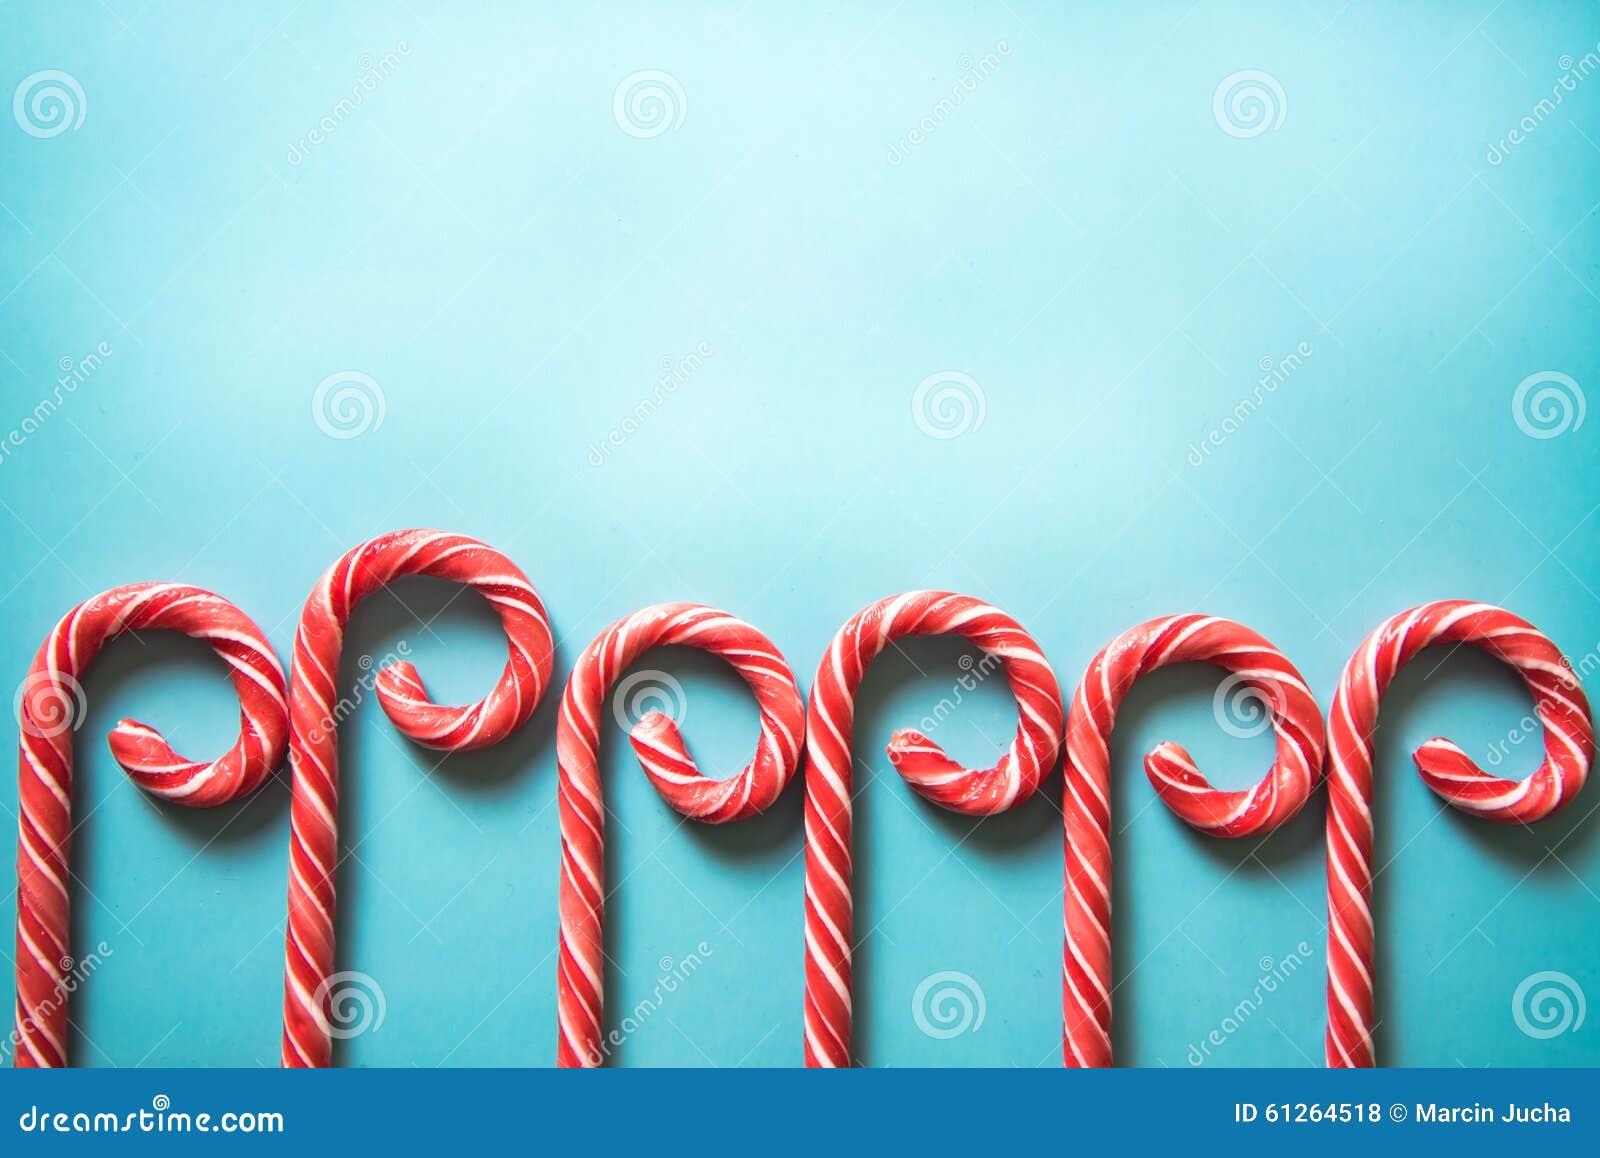 在淡色背景的圣诞节欢乐棒棒糖 库存照片 - 图片